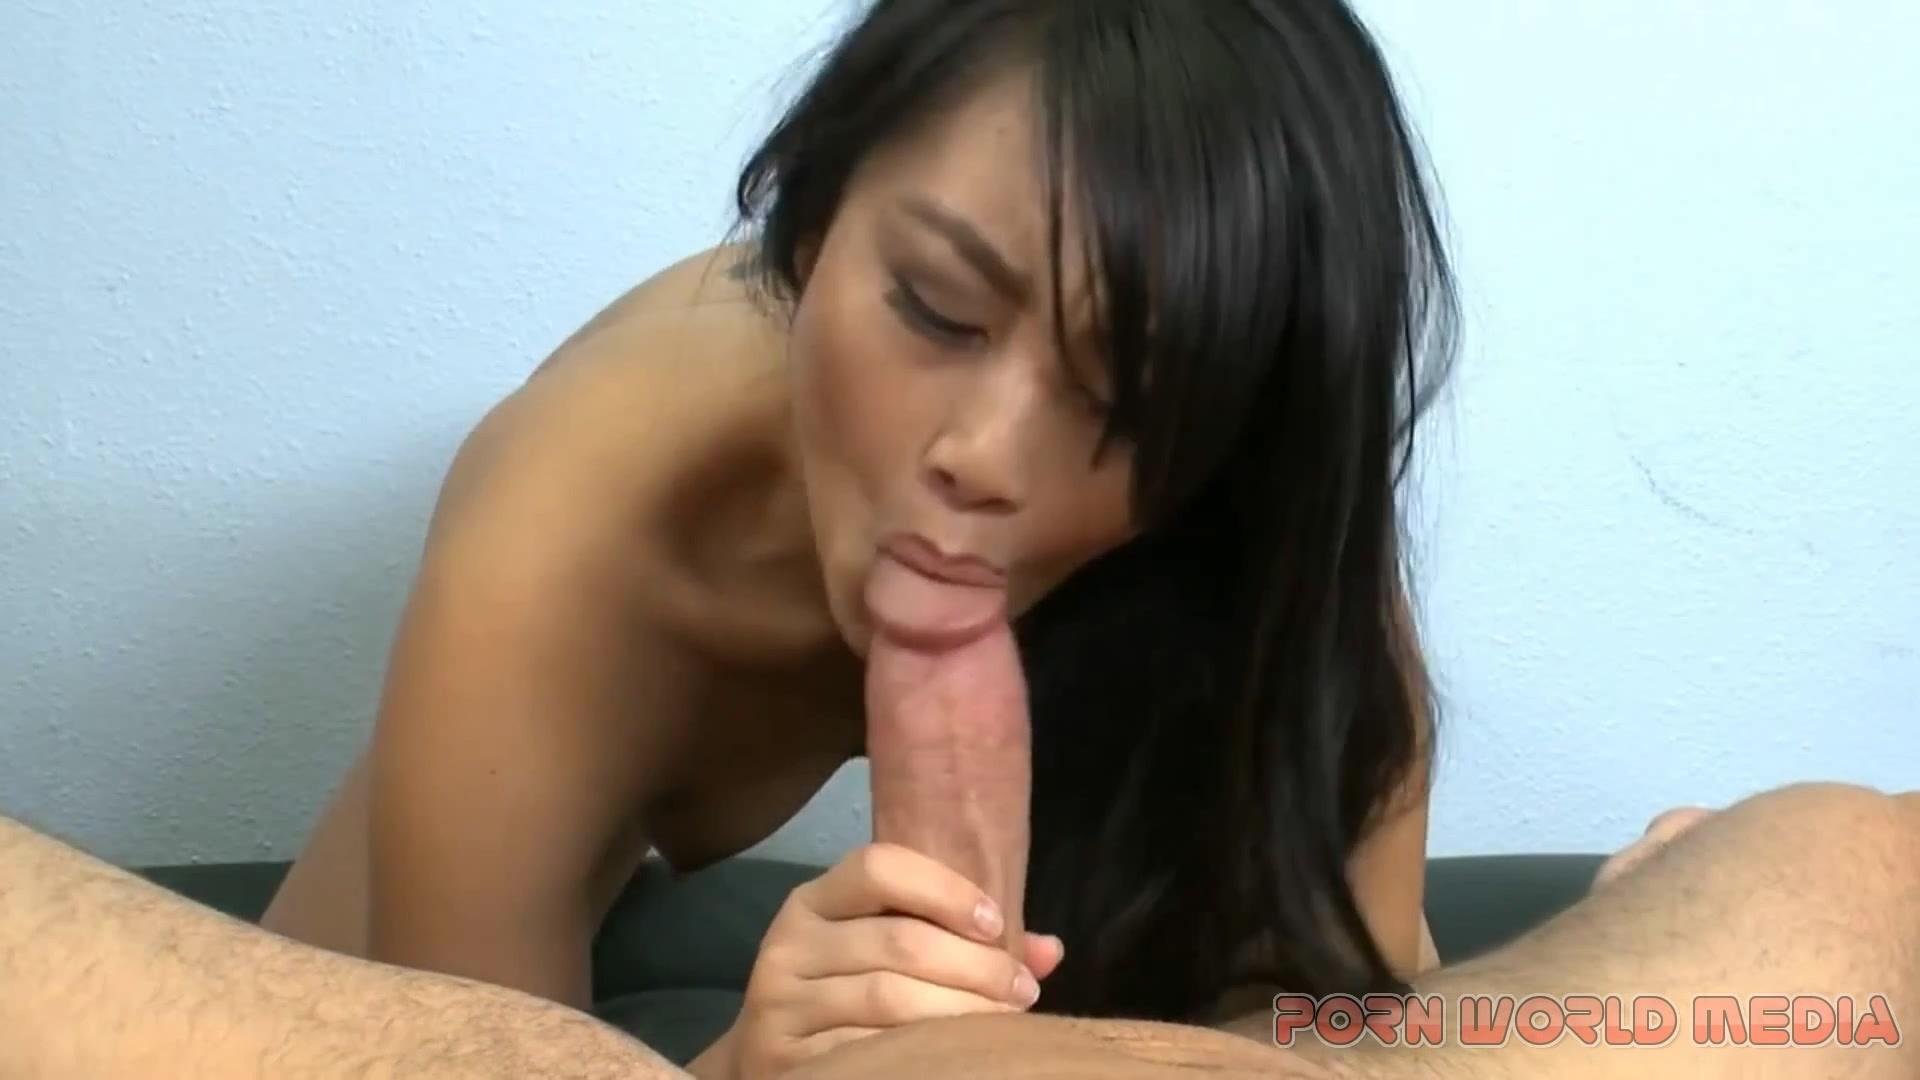 Развёл красивую девочку на анал / Aroused Enough for Anal Sex [Lisa] (2012) HD 720p